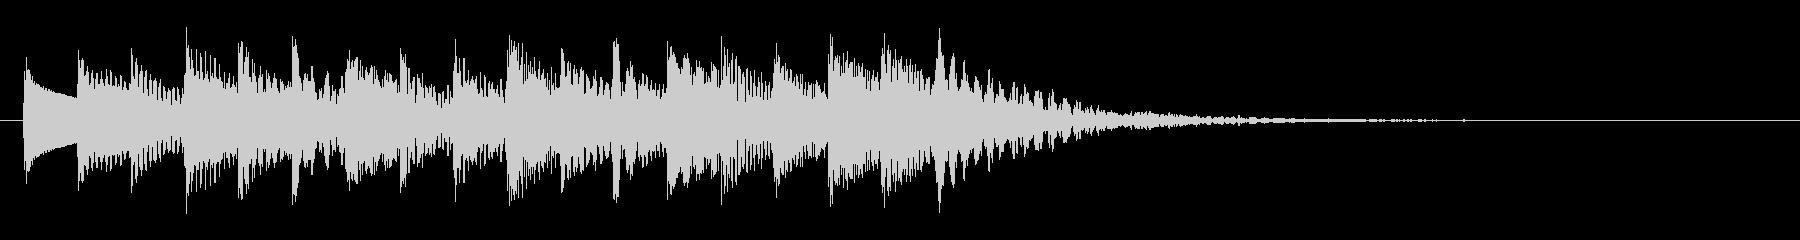 KANT涼しげアイキャッチ092210の未再生の波形